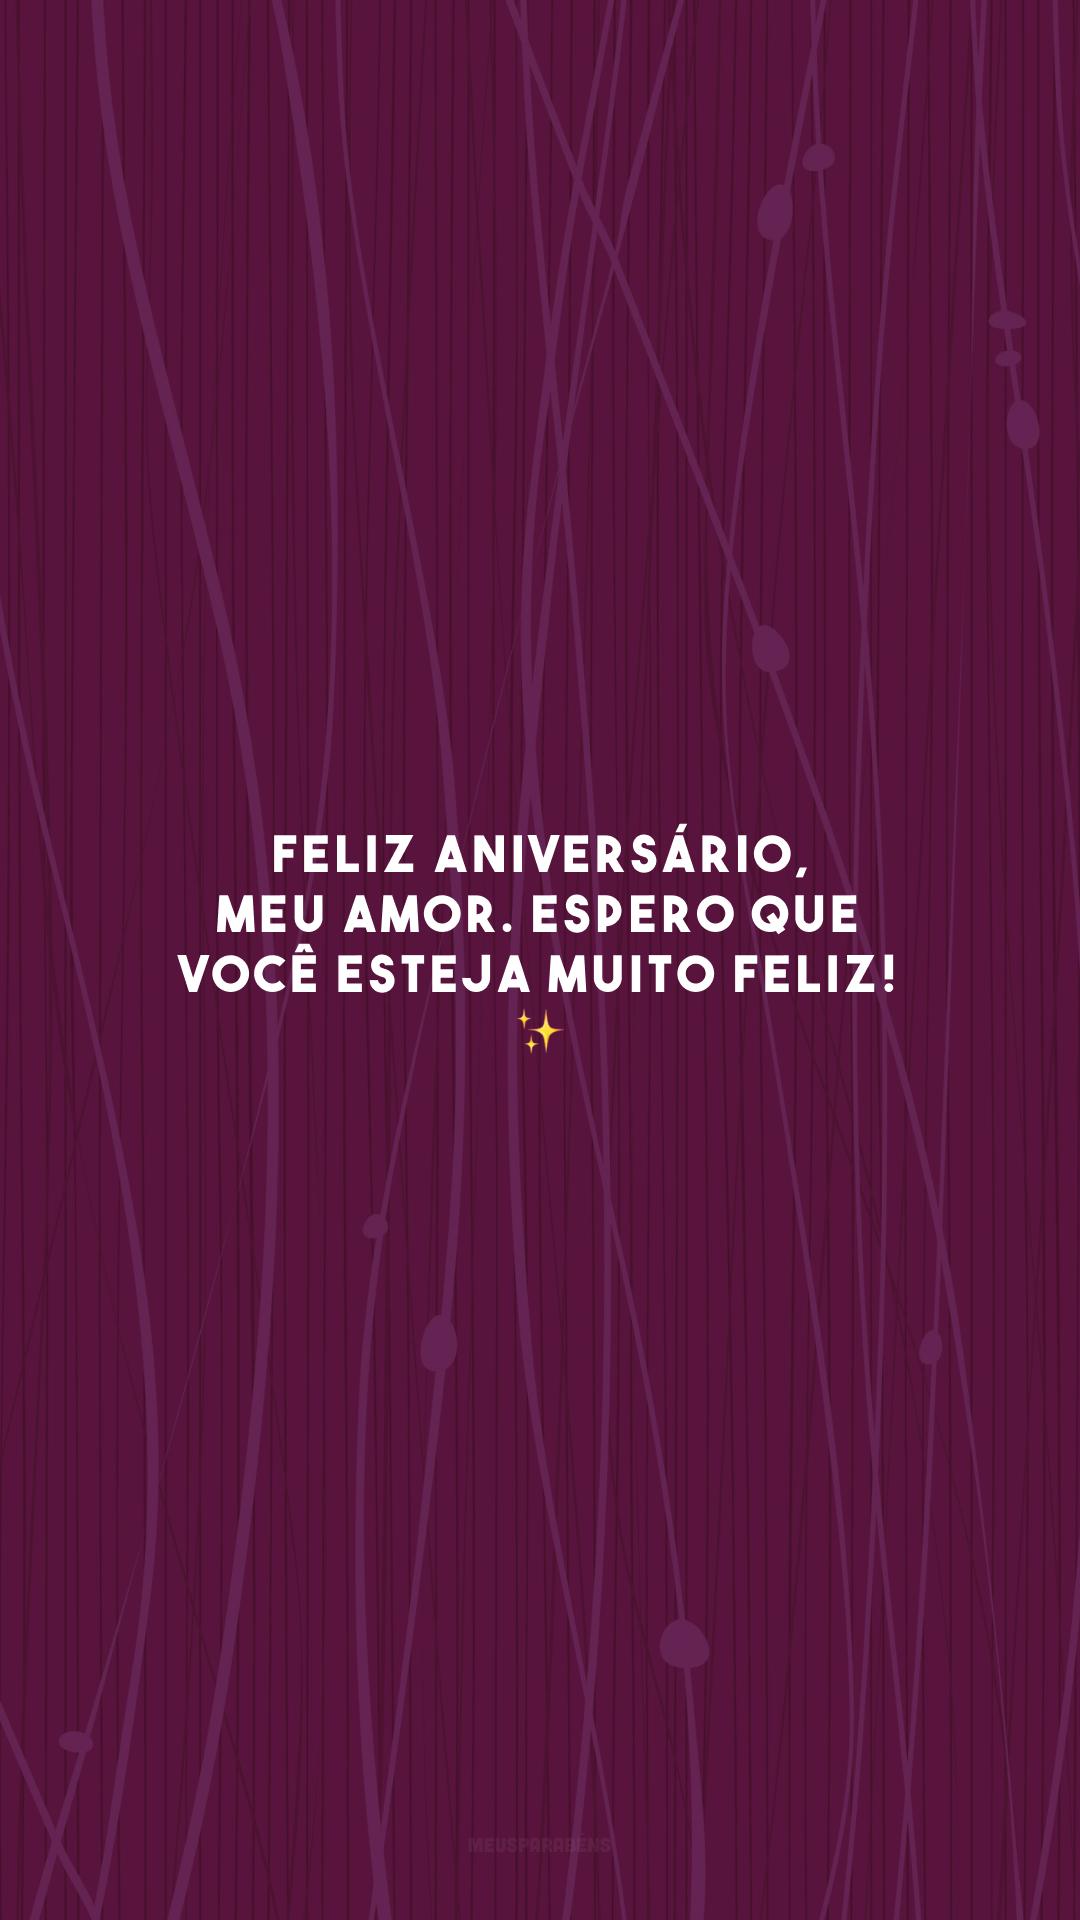 Feliz aniversário, meu amor. Espero que você esteja muito feliz! ✨